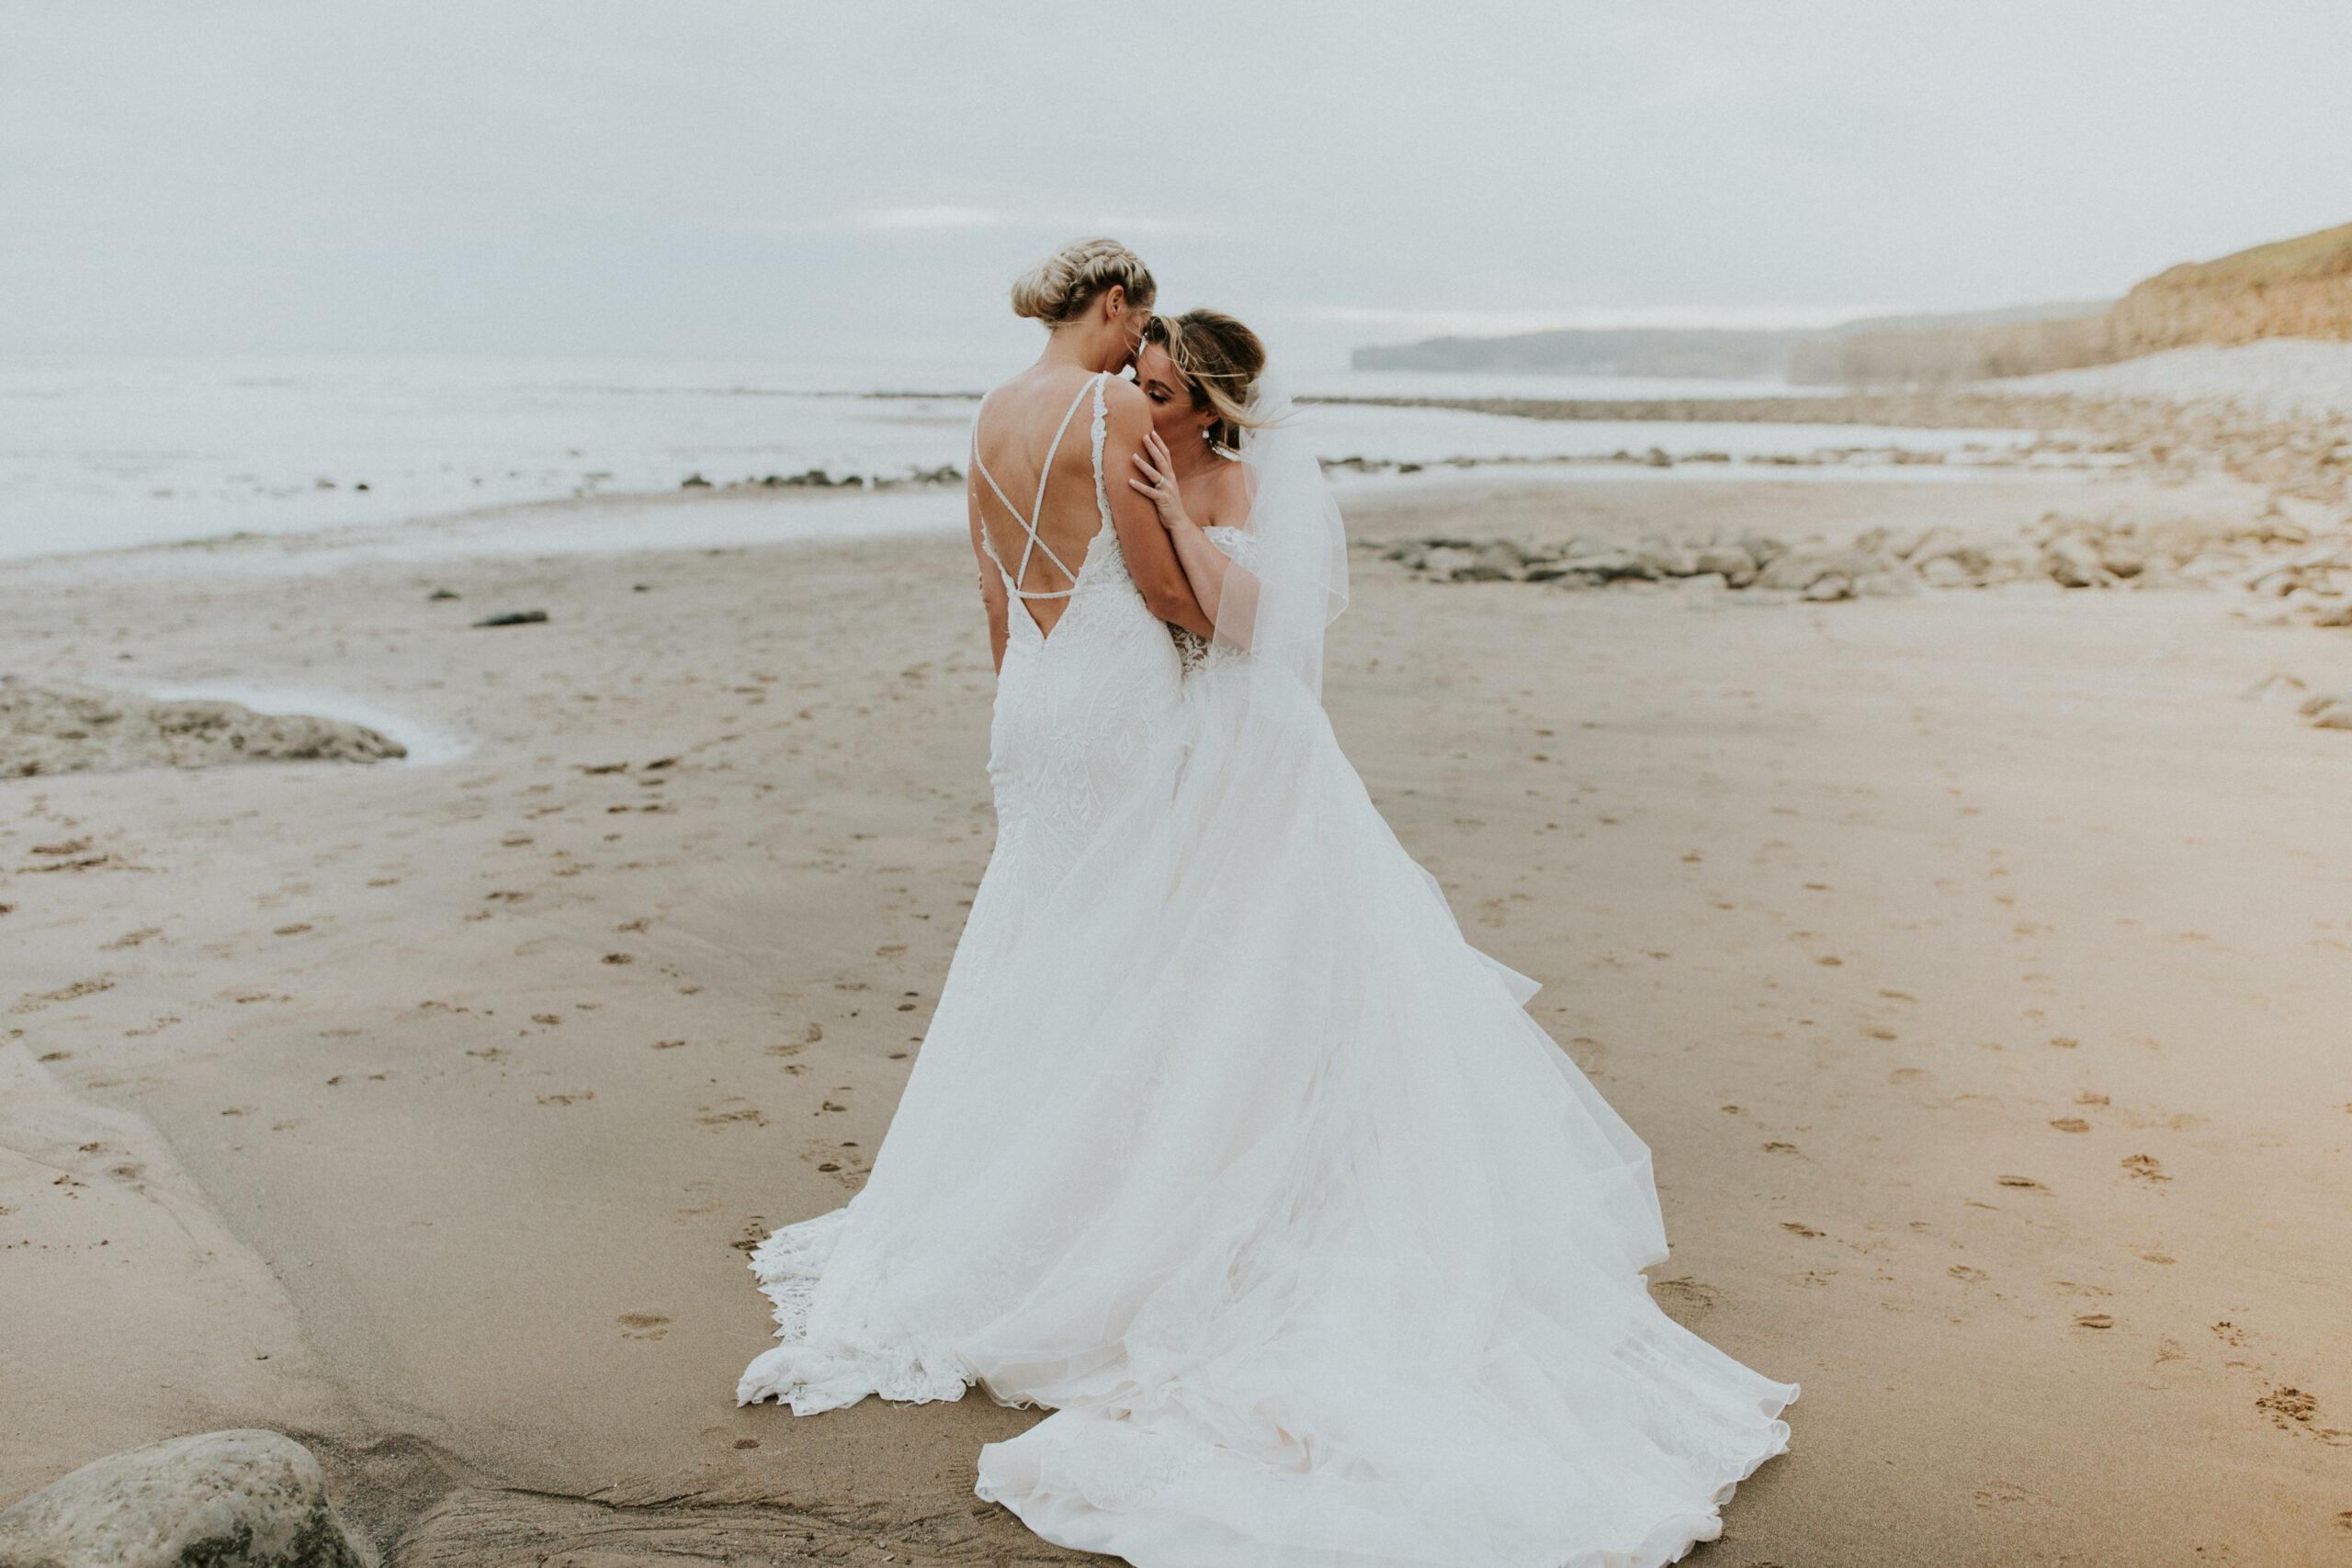 brides portraits down the beach